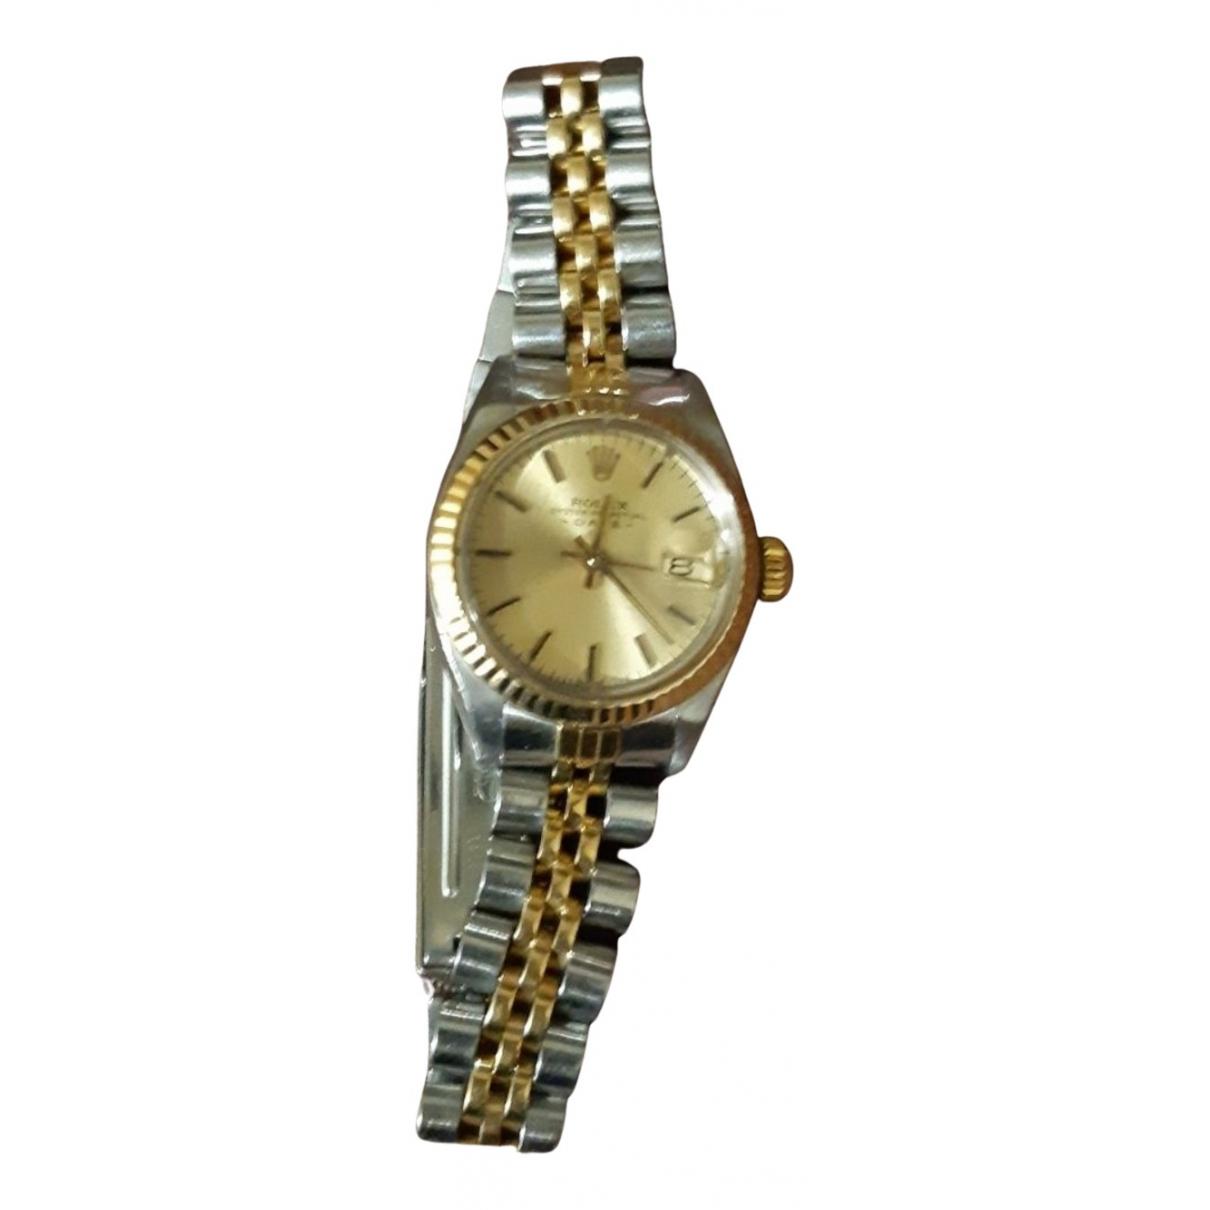 Rolex - Montre Lady Oyster Perpetual 26mm pour femme en or et acier - argente